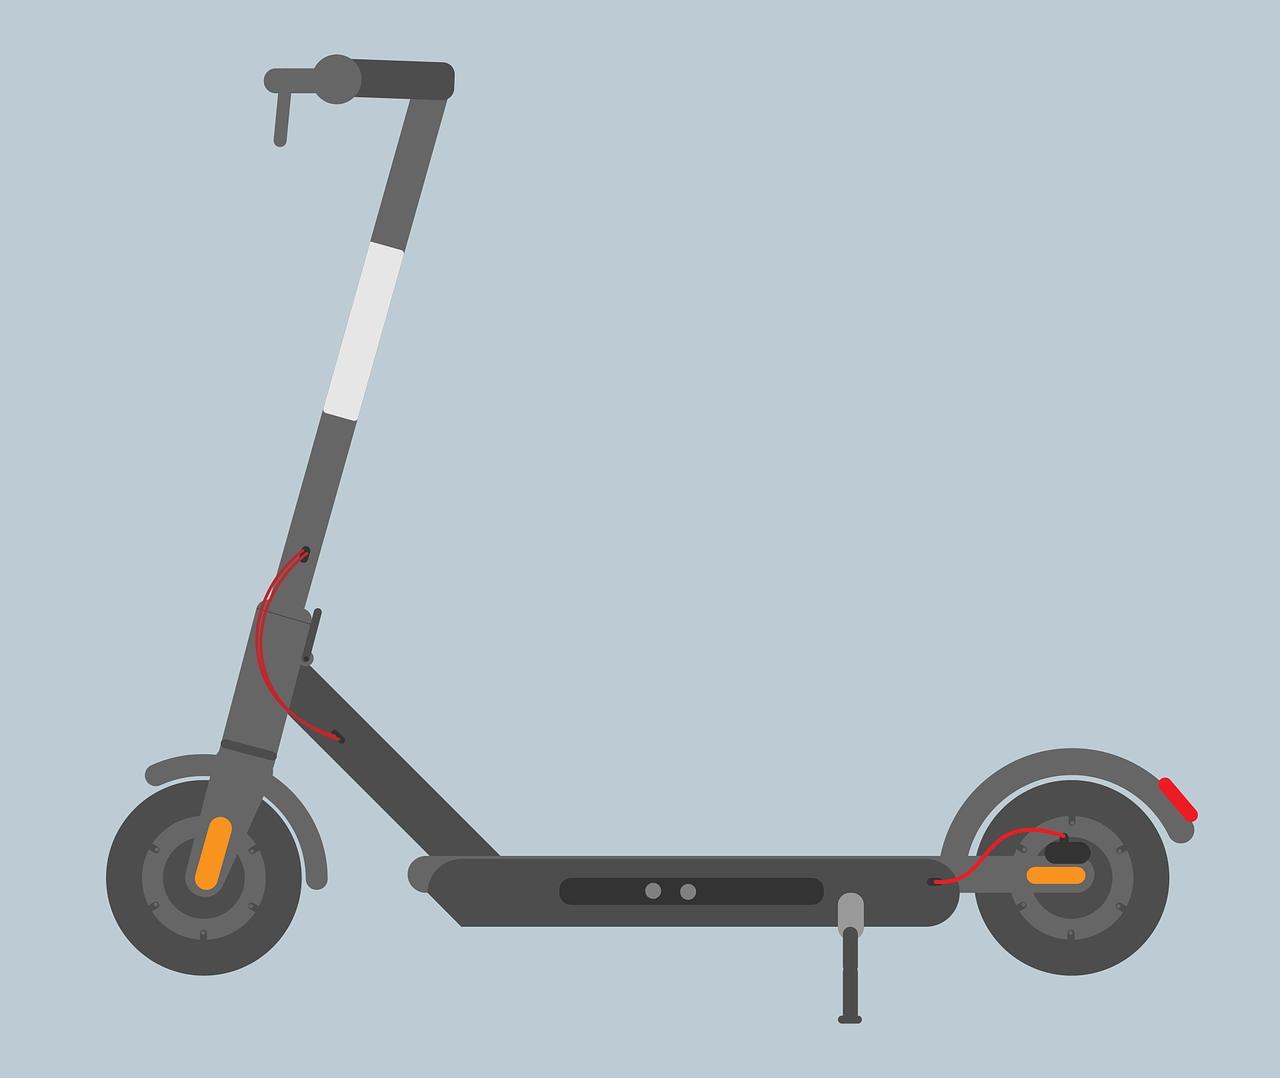 E-Scooter: Dienstliches Nutzungsverbot empfohlen